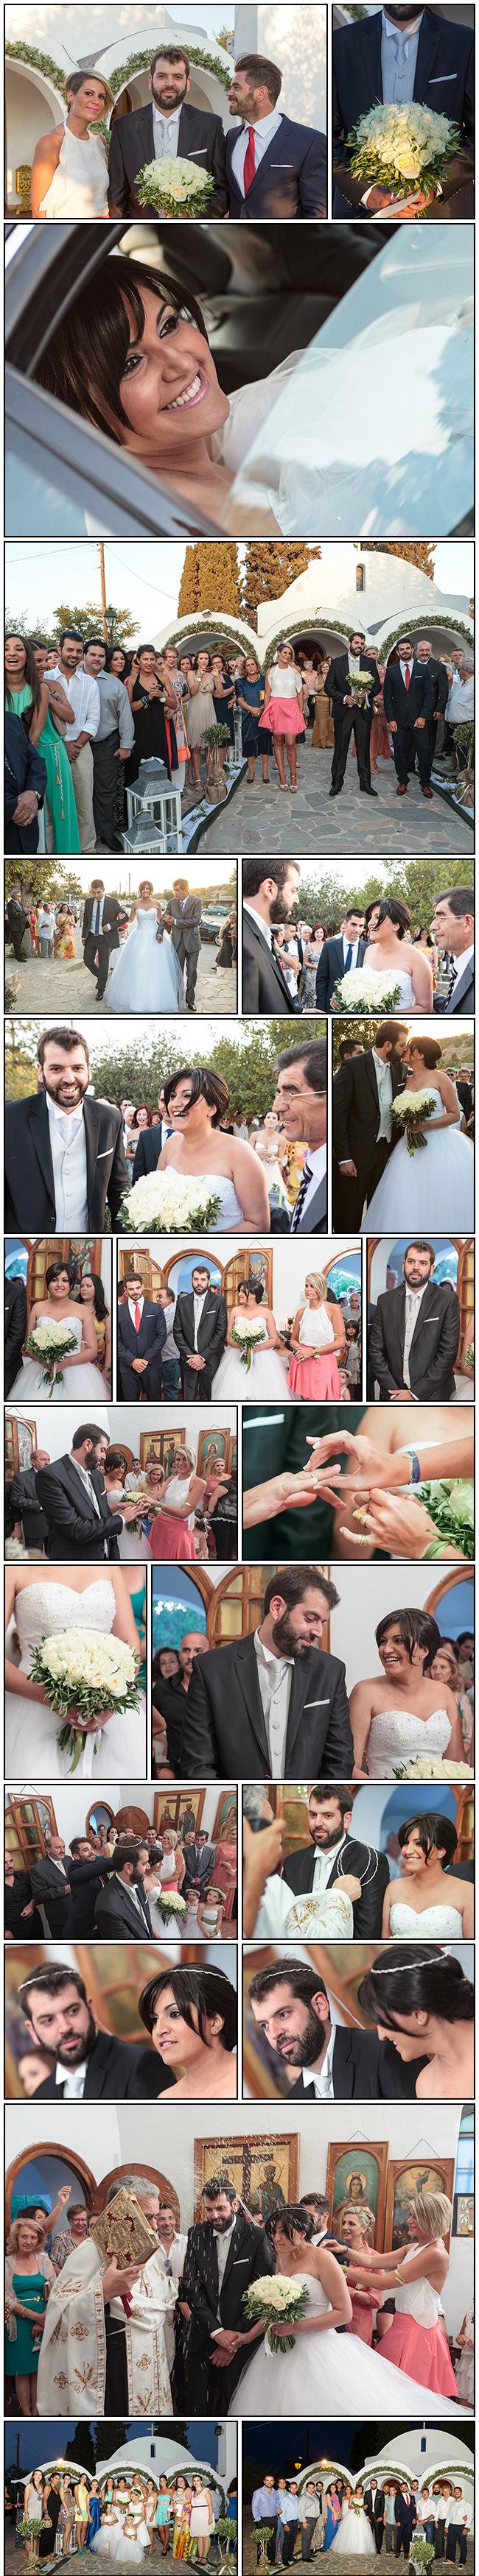 Sofia-Kostas Isthmia wedding - church photos